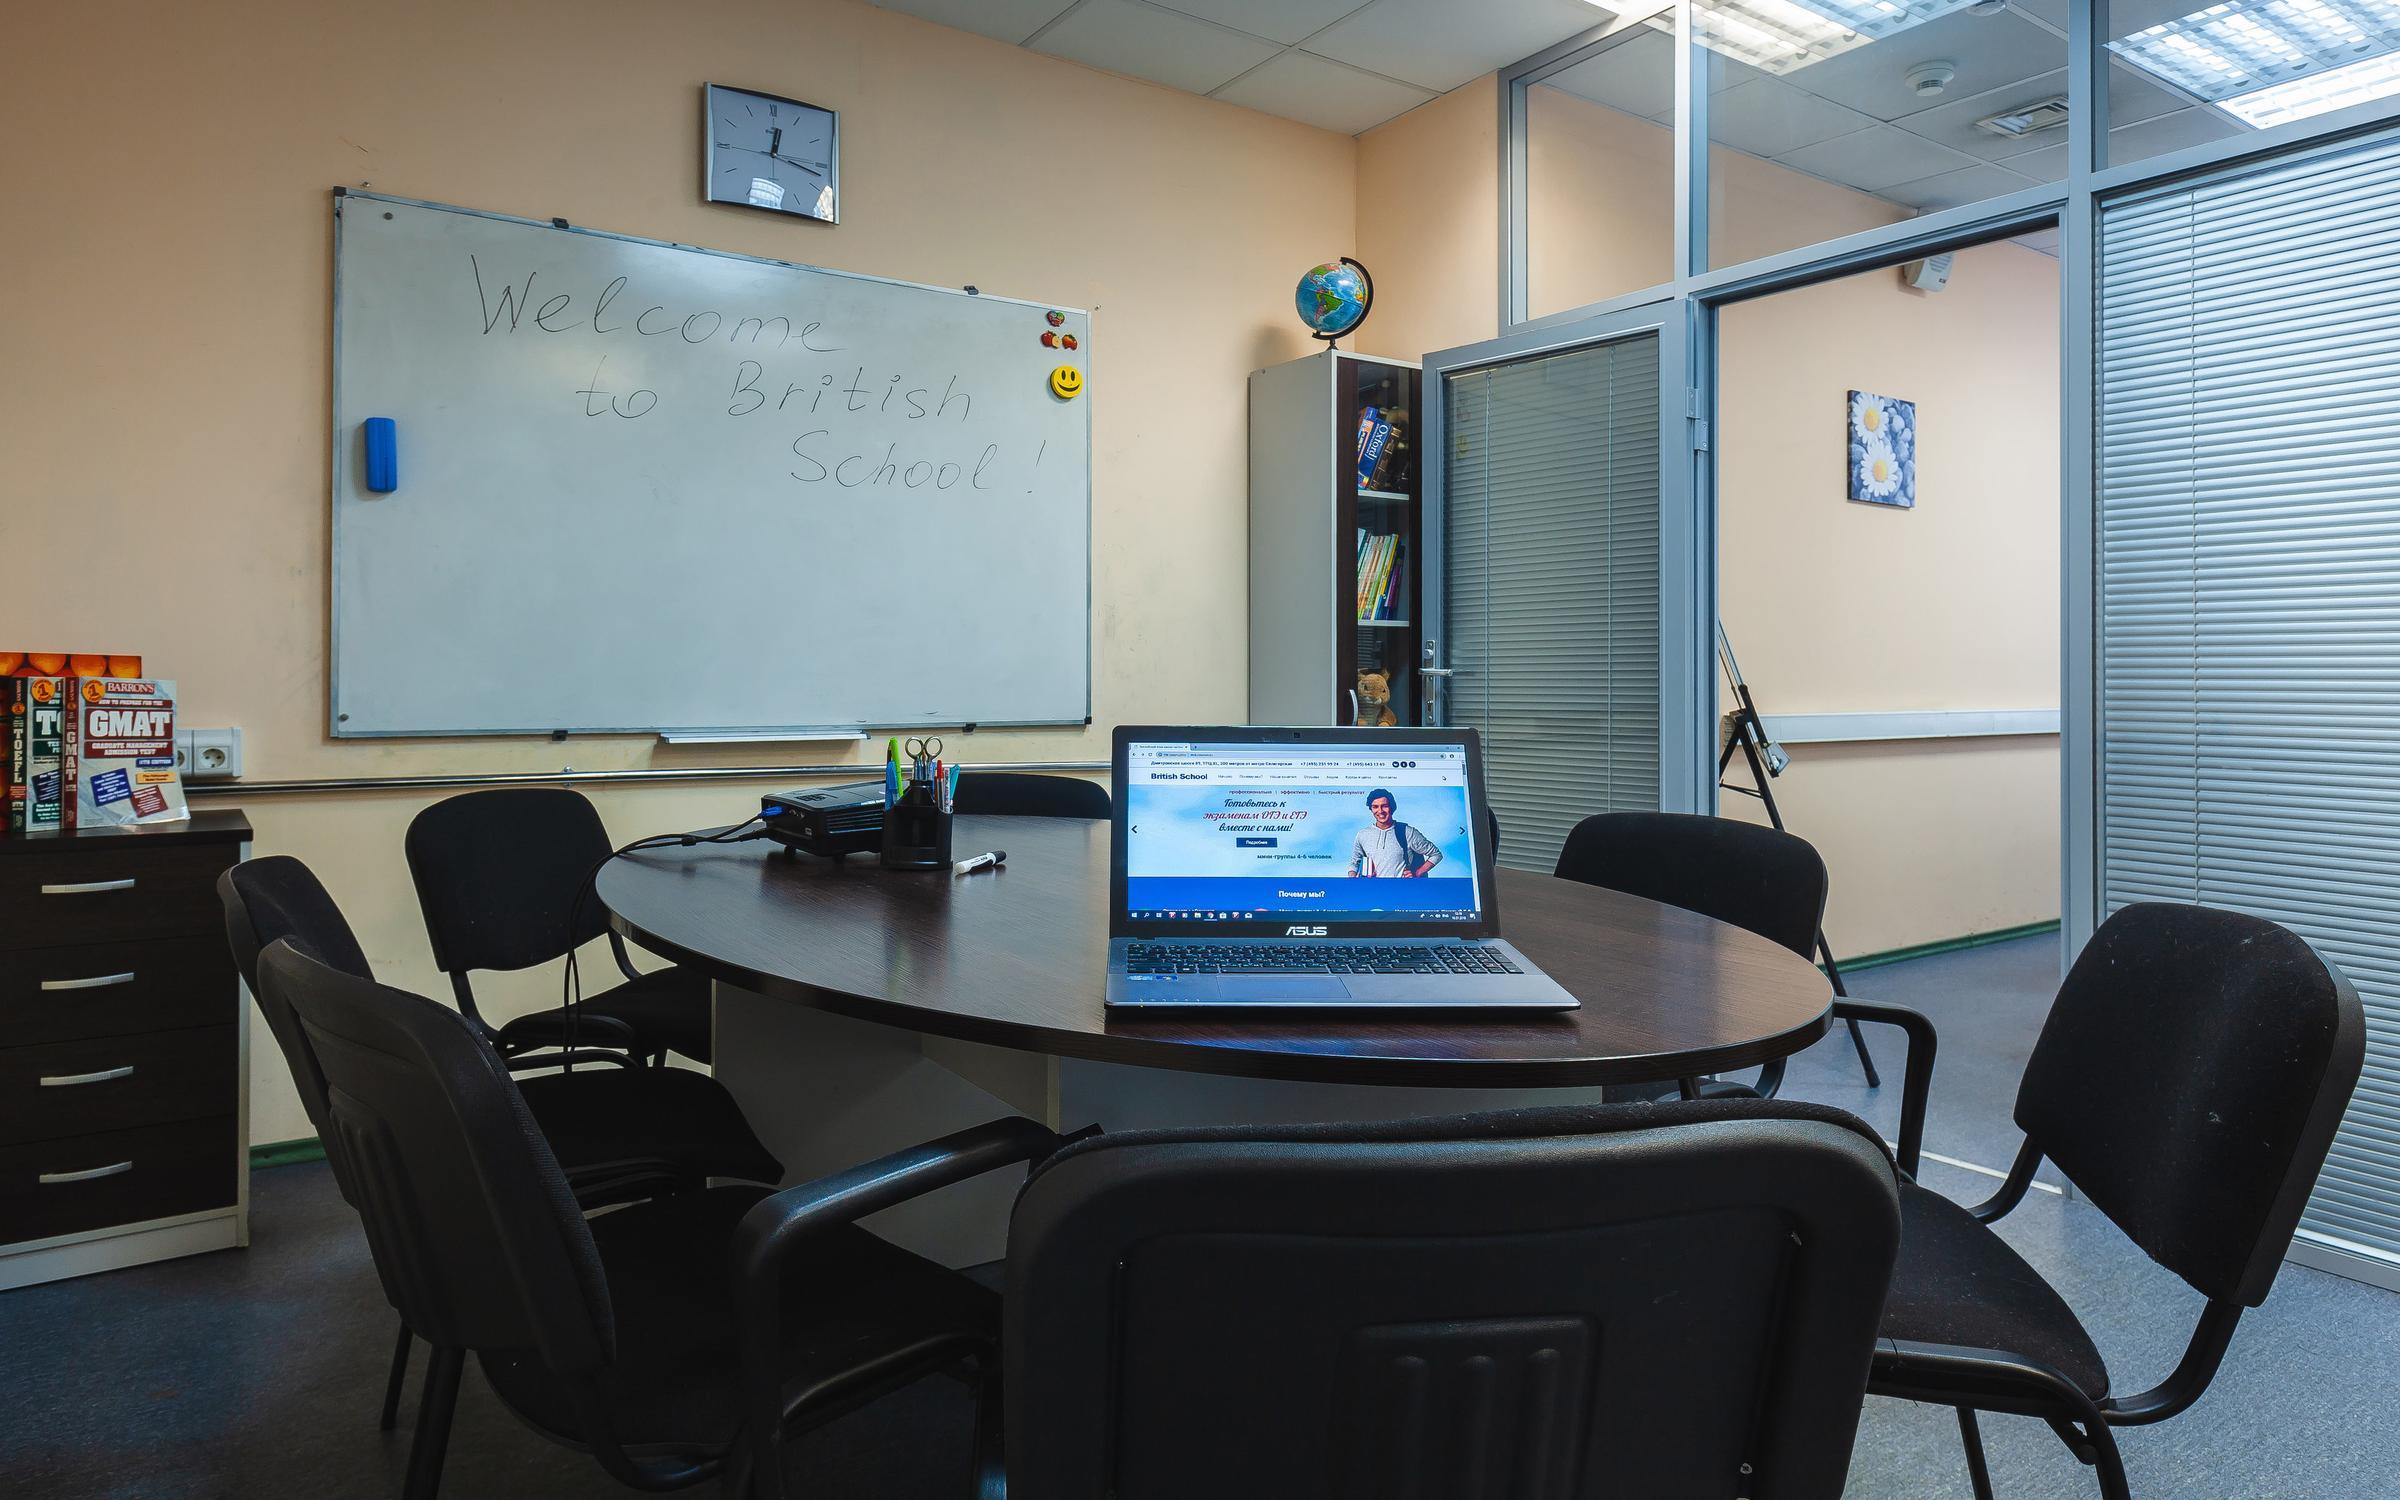 фотография Школы иностранного языка British School в ТЦ XL Дмитровка